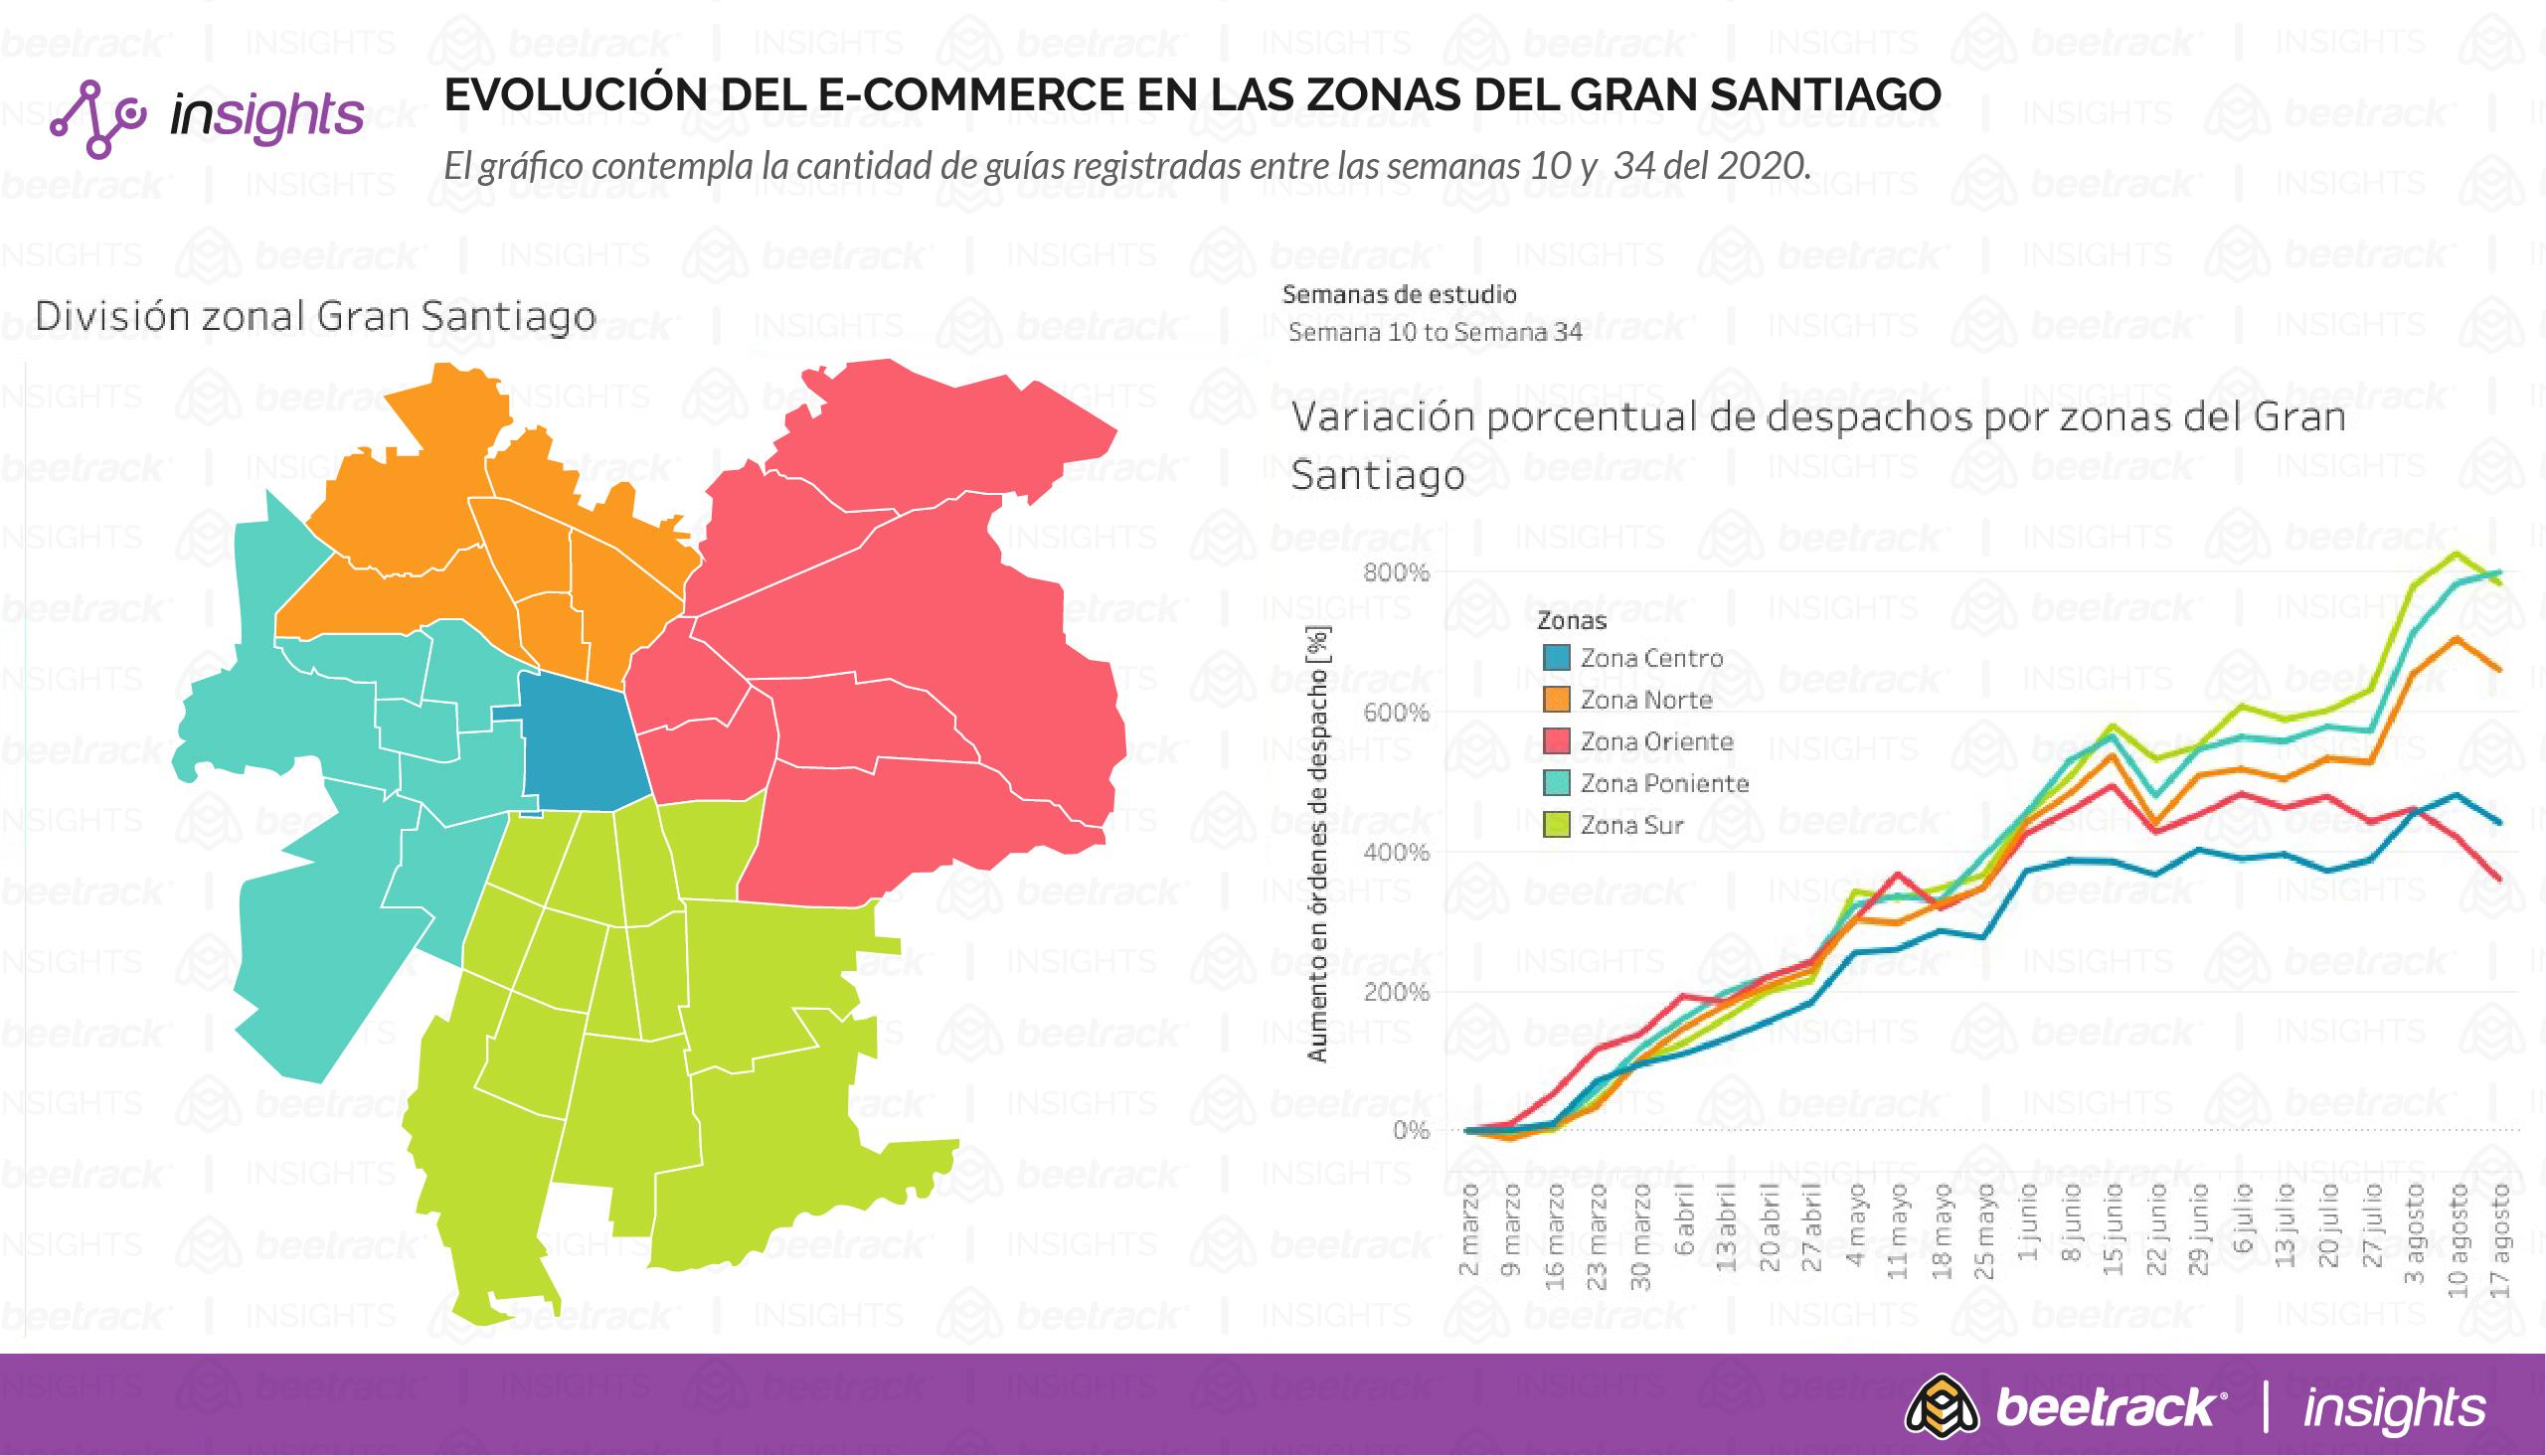 Comunas de Santiago con menor poder adquisitivo registran fuerte crecimiento de e-commerce tras retiro del 10%